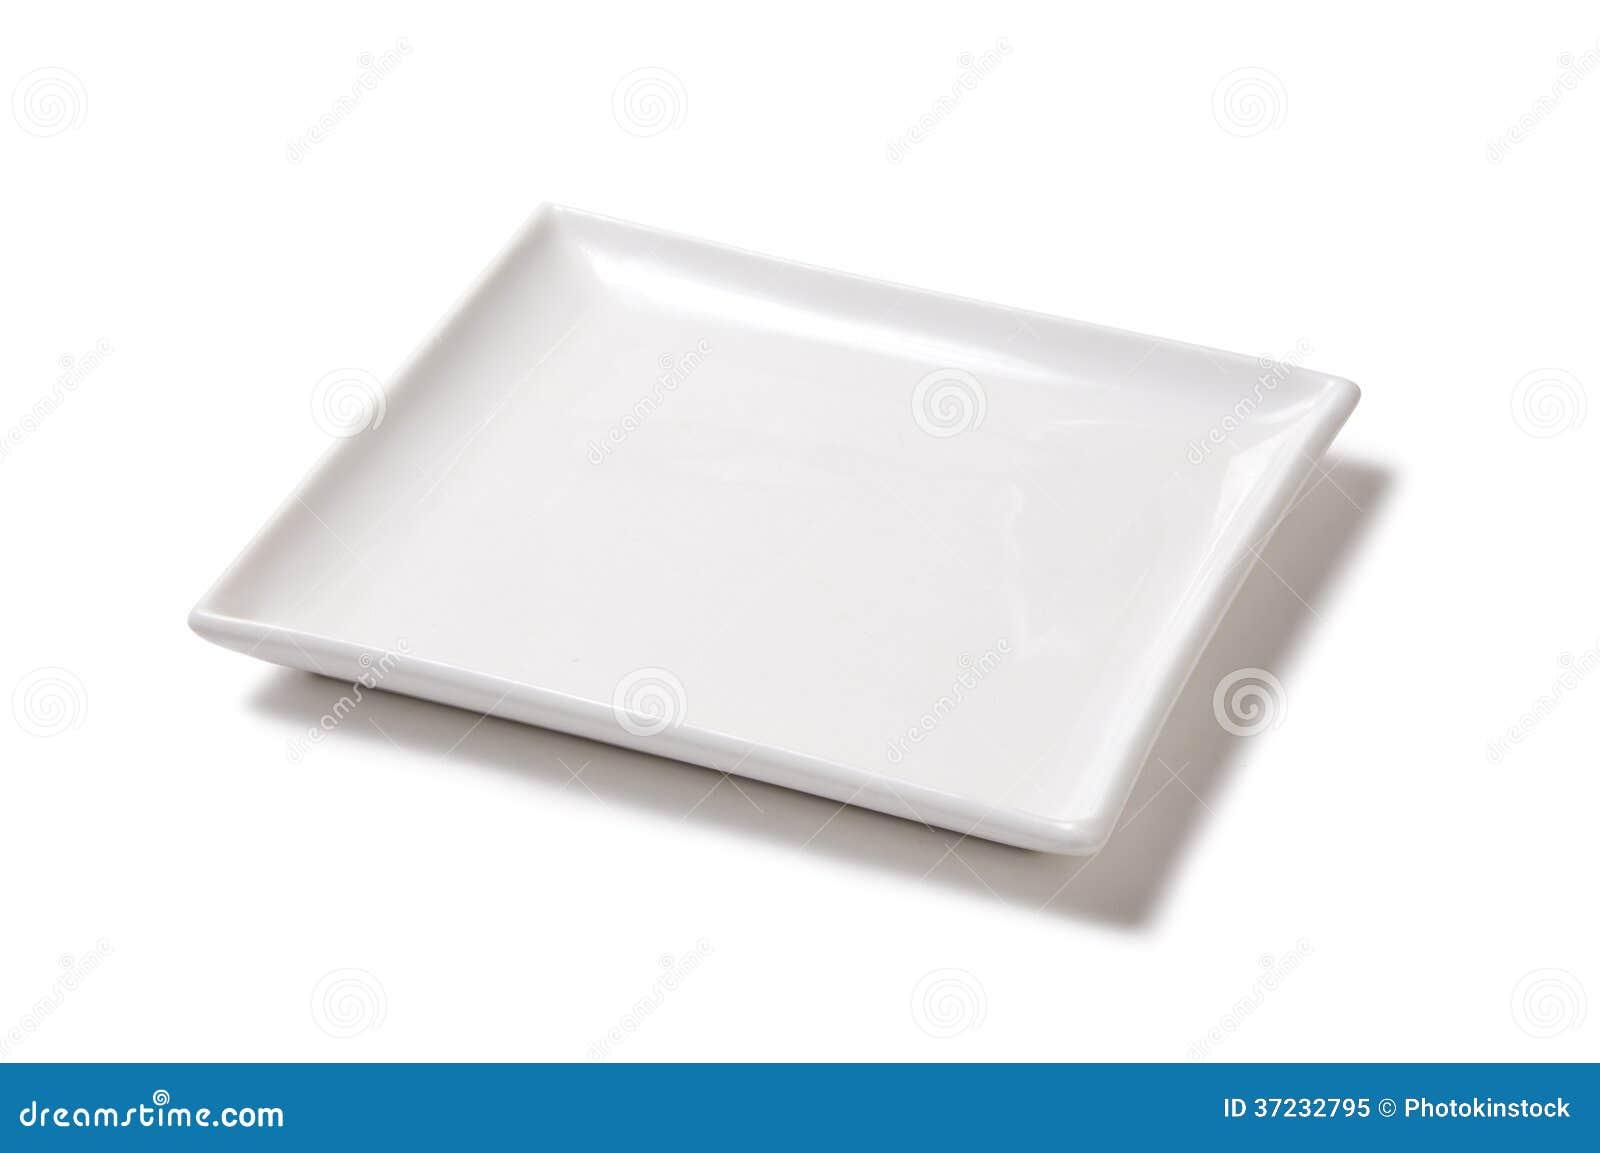 Plat rectangulaire vide blanc de porcelaine sur un fond blanc